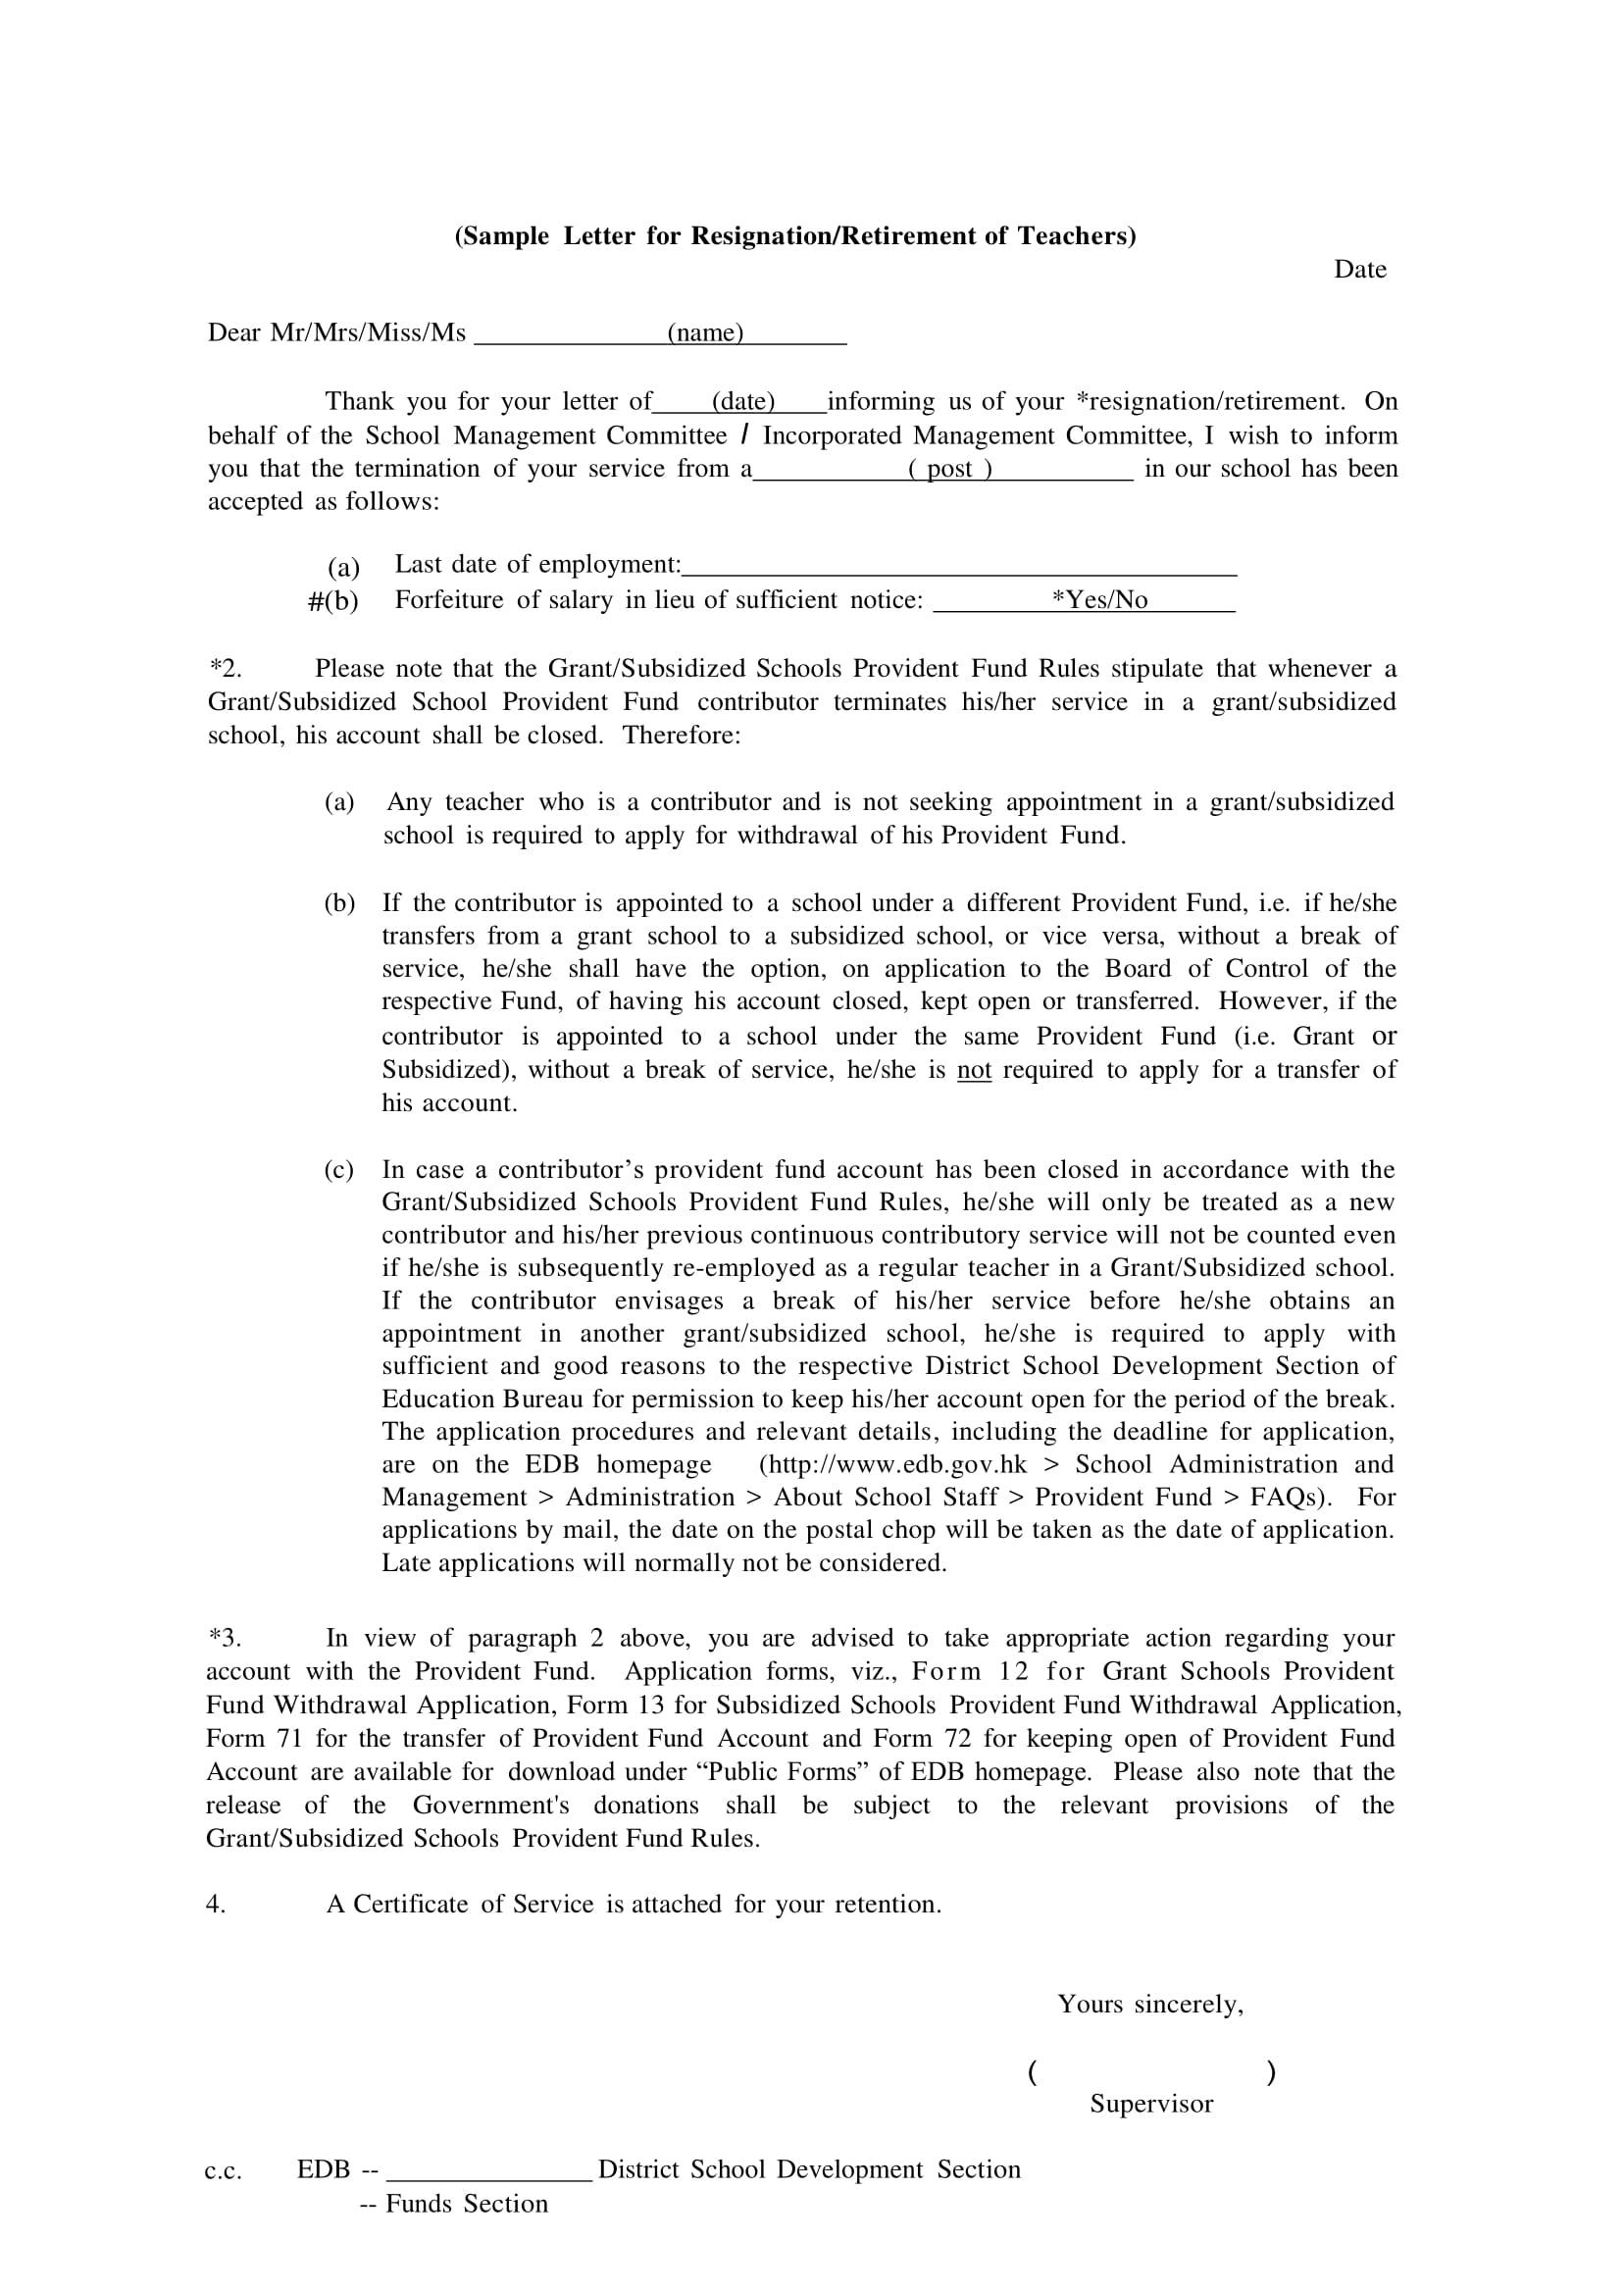 school teacher resignation retirement letter example